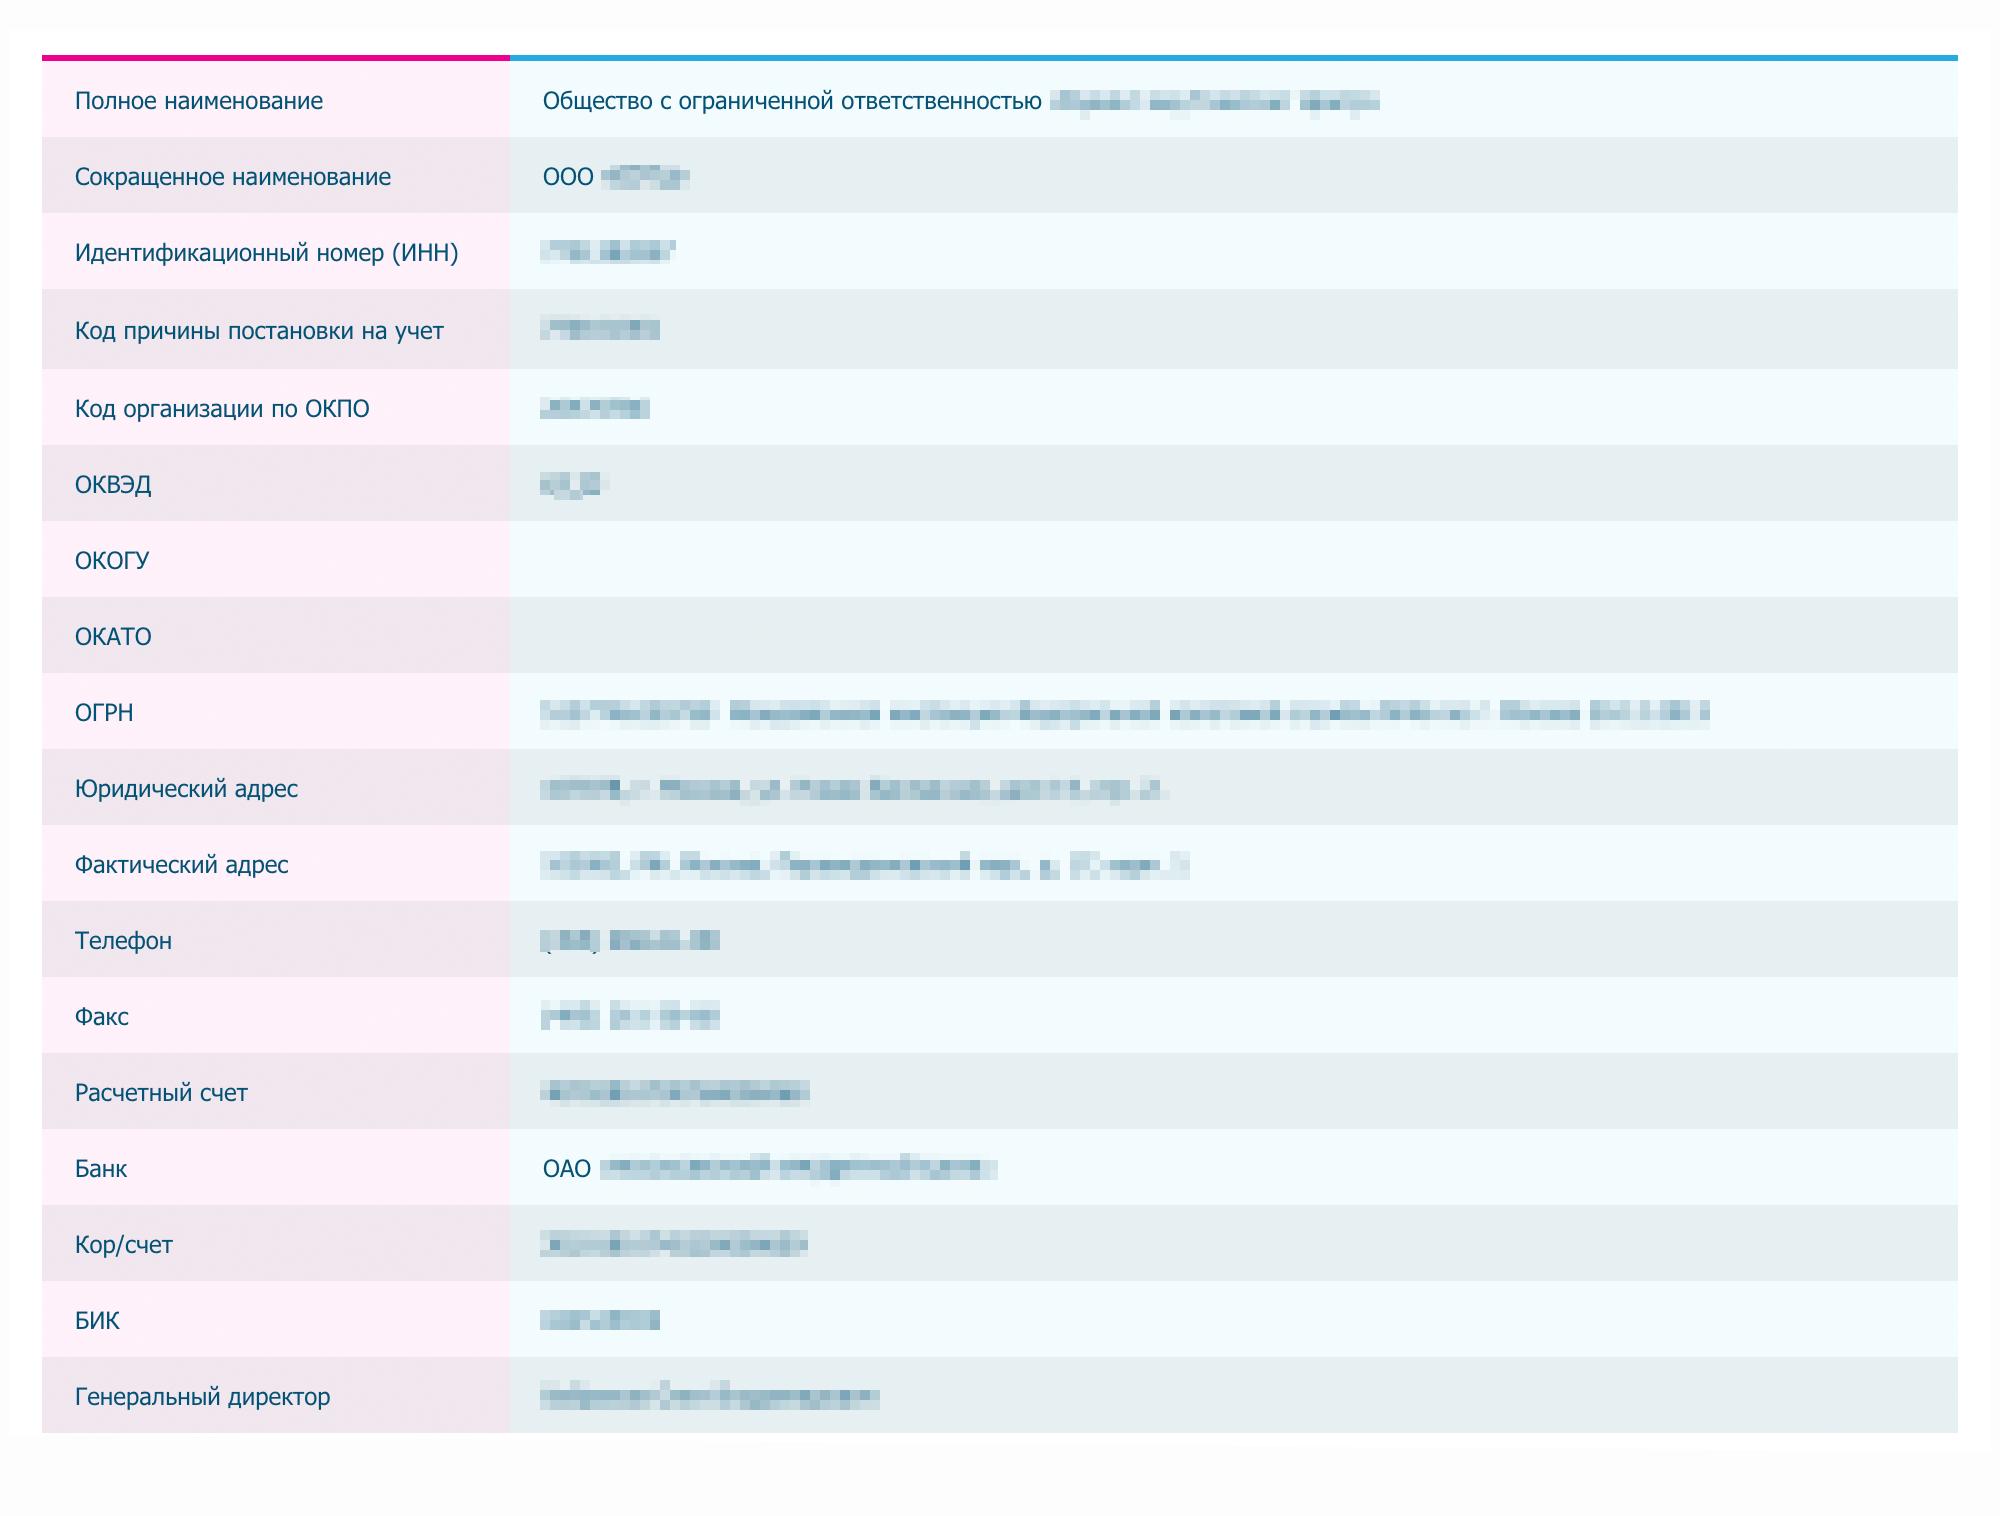 Пример реквизитов компании на сайте «Билетикс-ру»